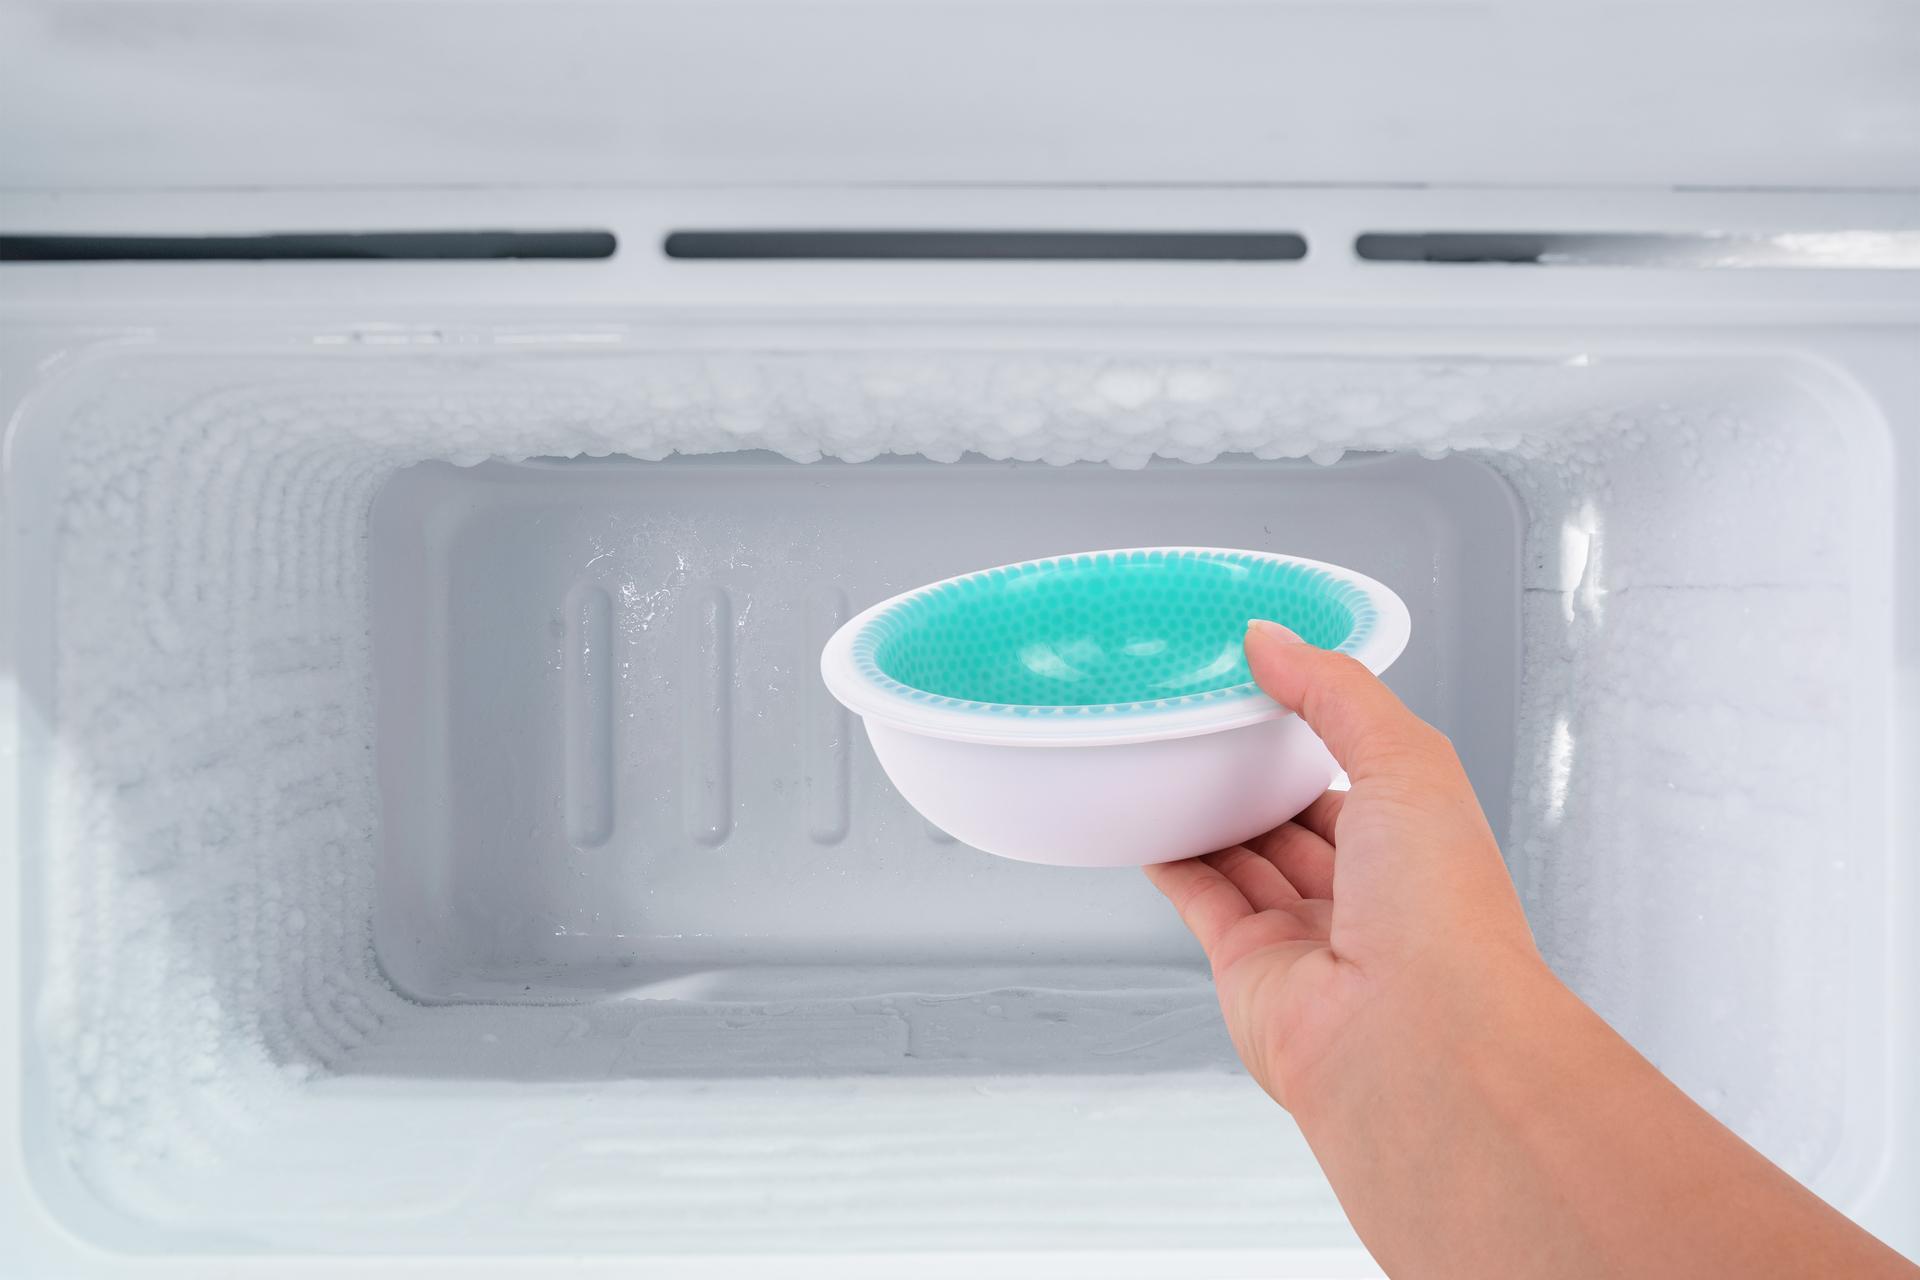 DA24001-CHLAĎMISKA chladiaca plastová miska pre vášho miláčika